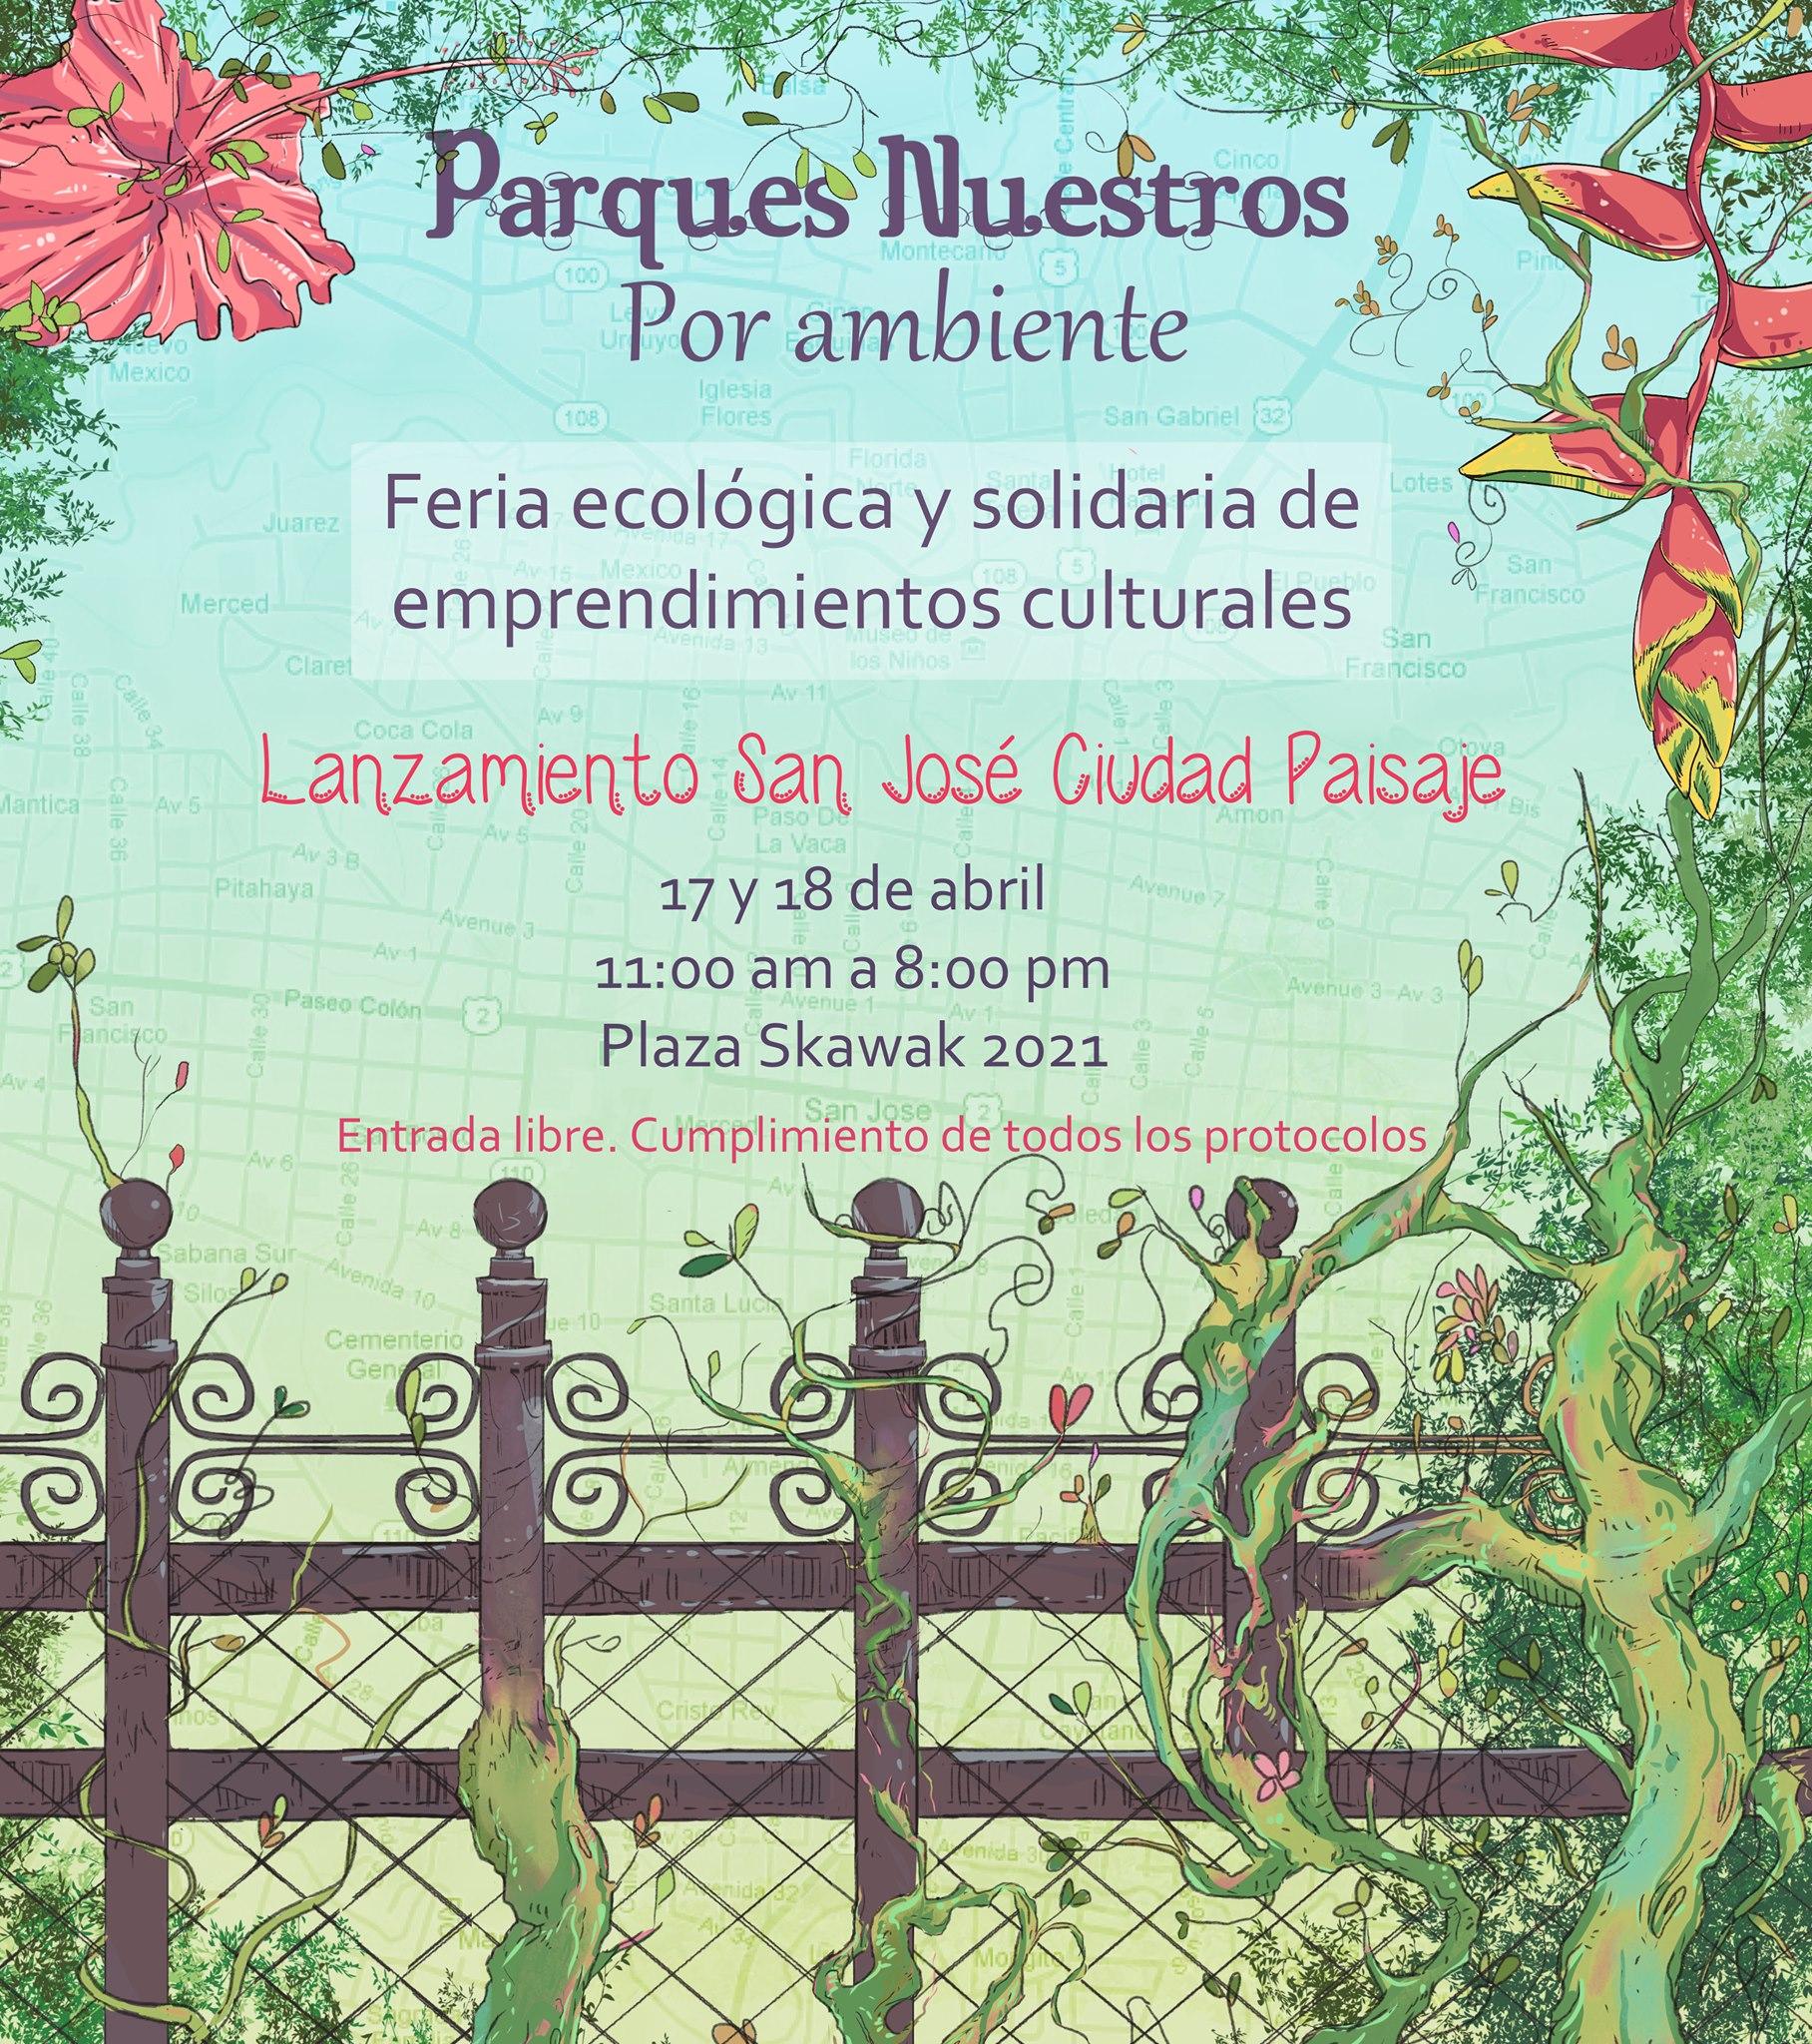 'Parques nuestros' por ambiente